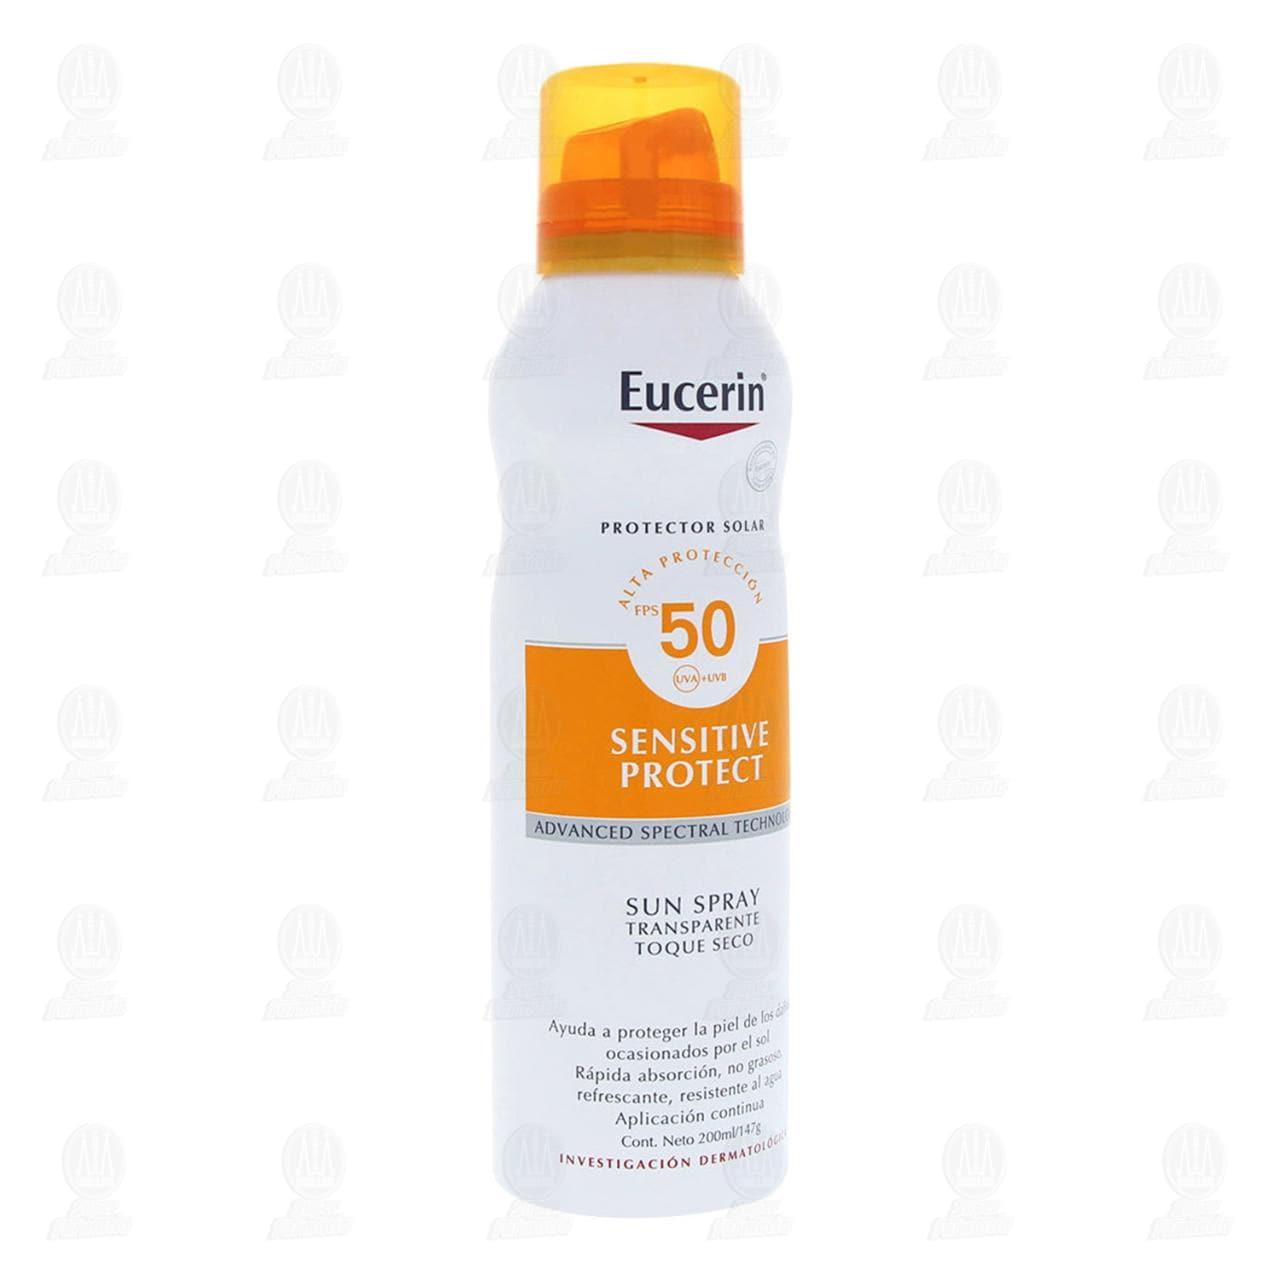 Comprar Eucerin Protector Solar Corporal Toque Seco FPS 50+ Spray, 200ml. en Farmacias Guadalajara